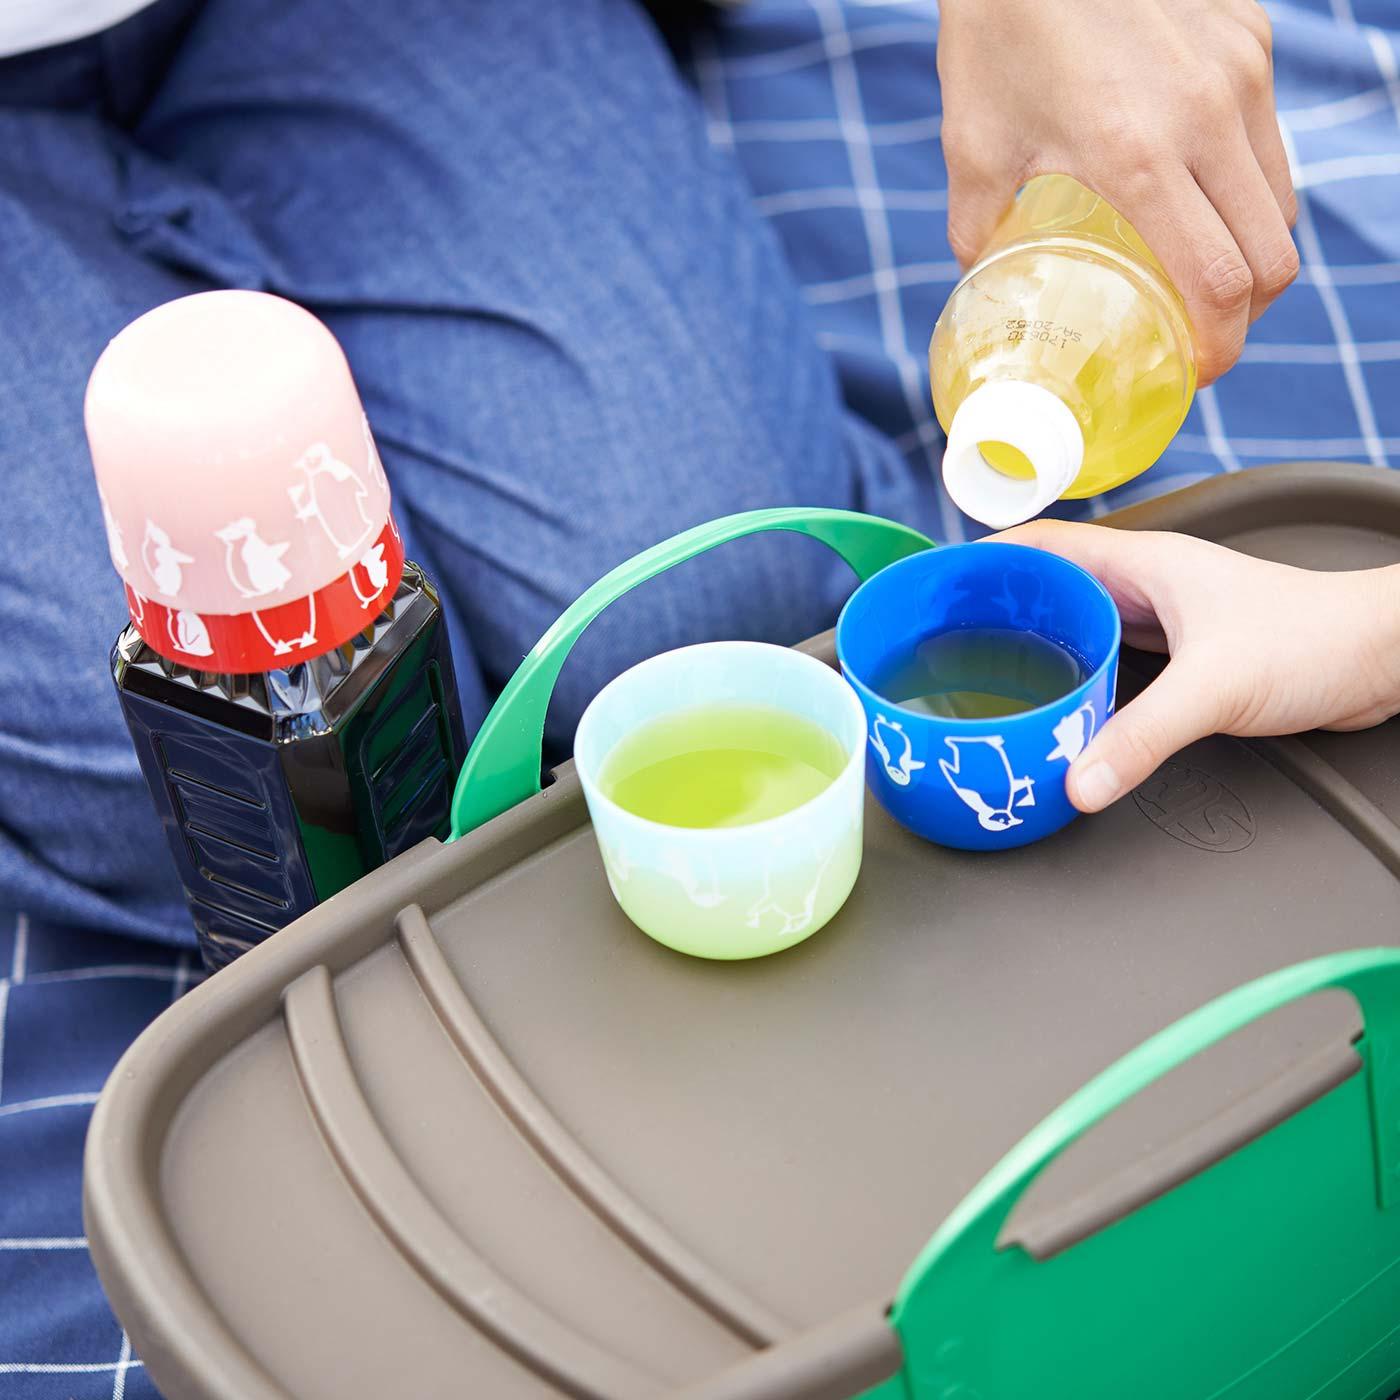 色で分ければ、自分のコップが一目瞭然(りょうぜん)!